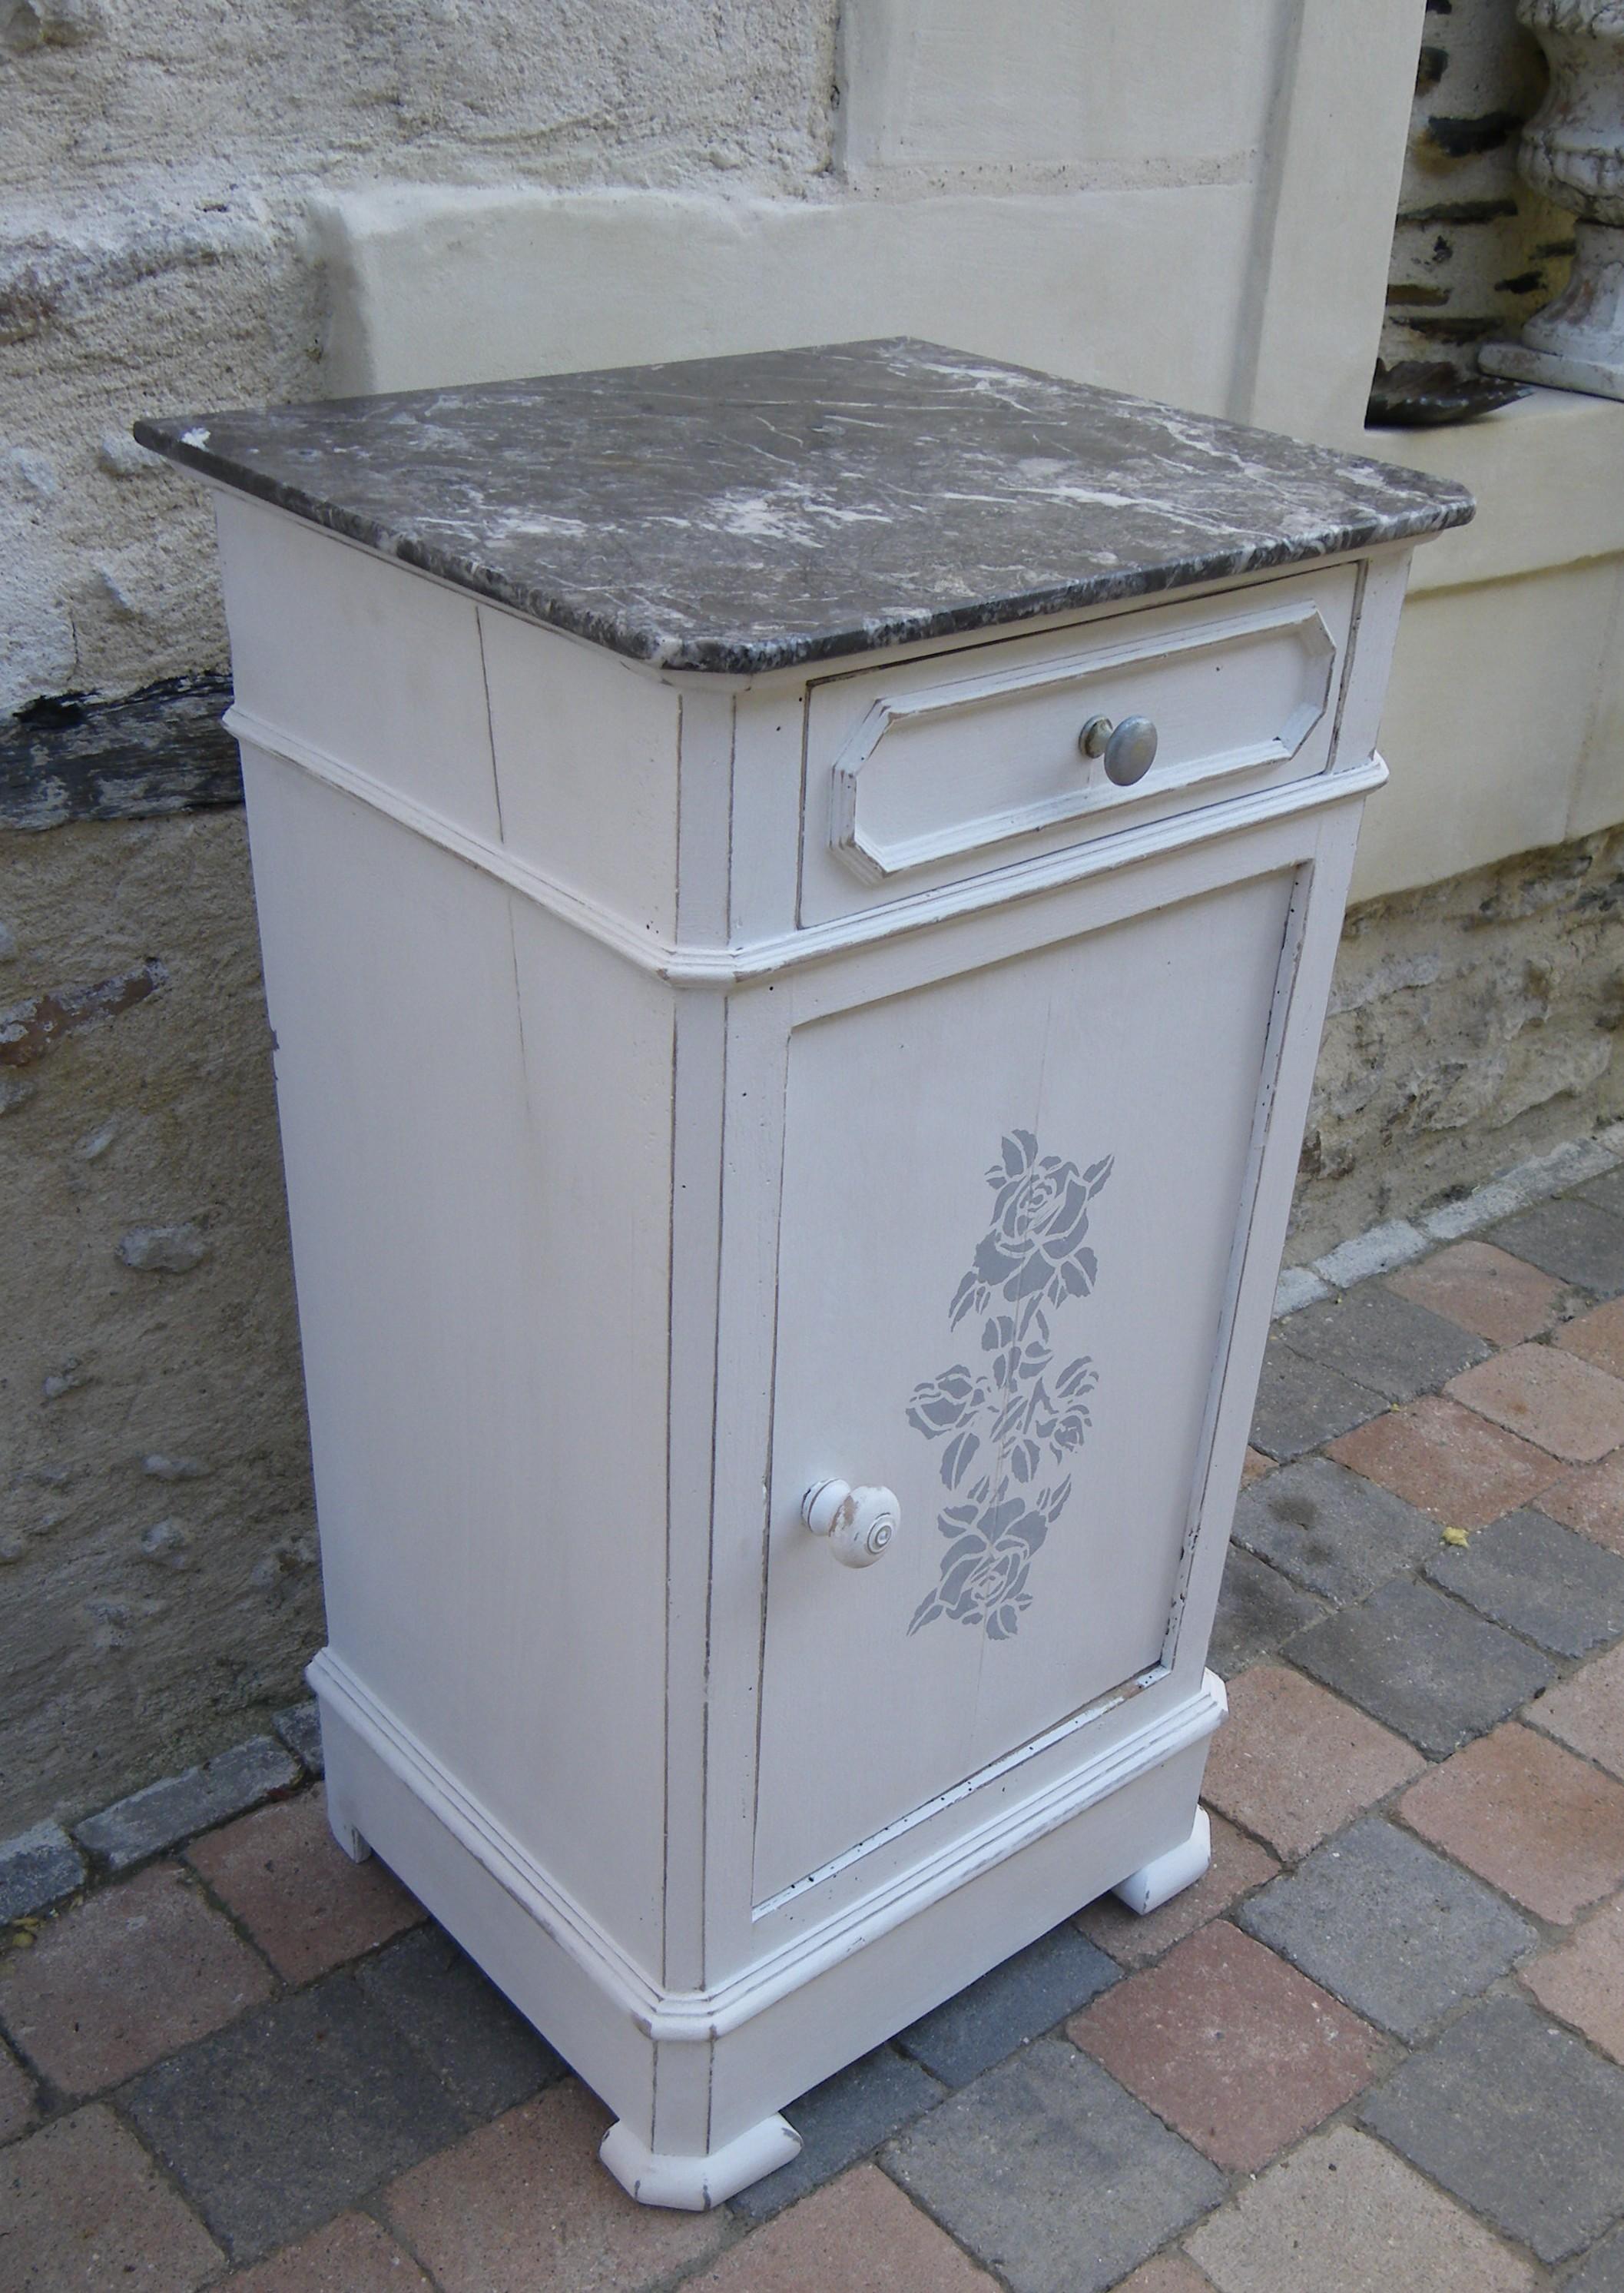 Chevet meuble d appoint patine blanche et marbre gris anjoudeco for Patiner meuble ancien